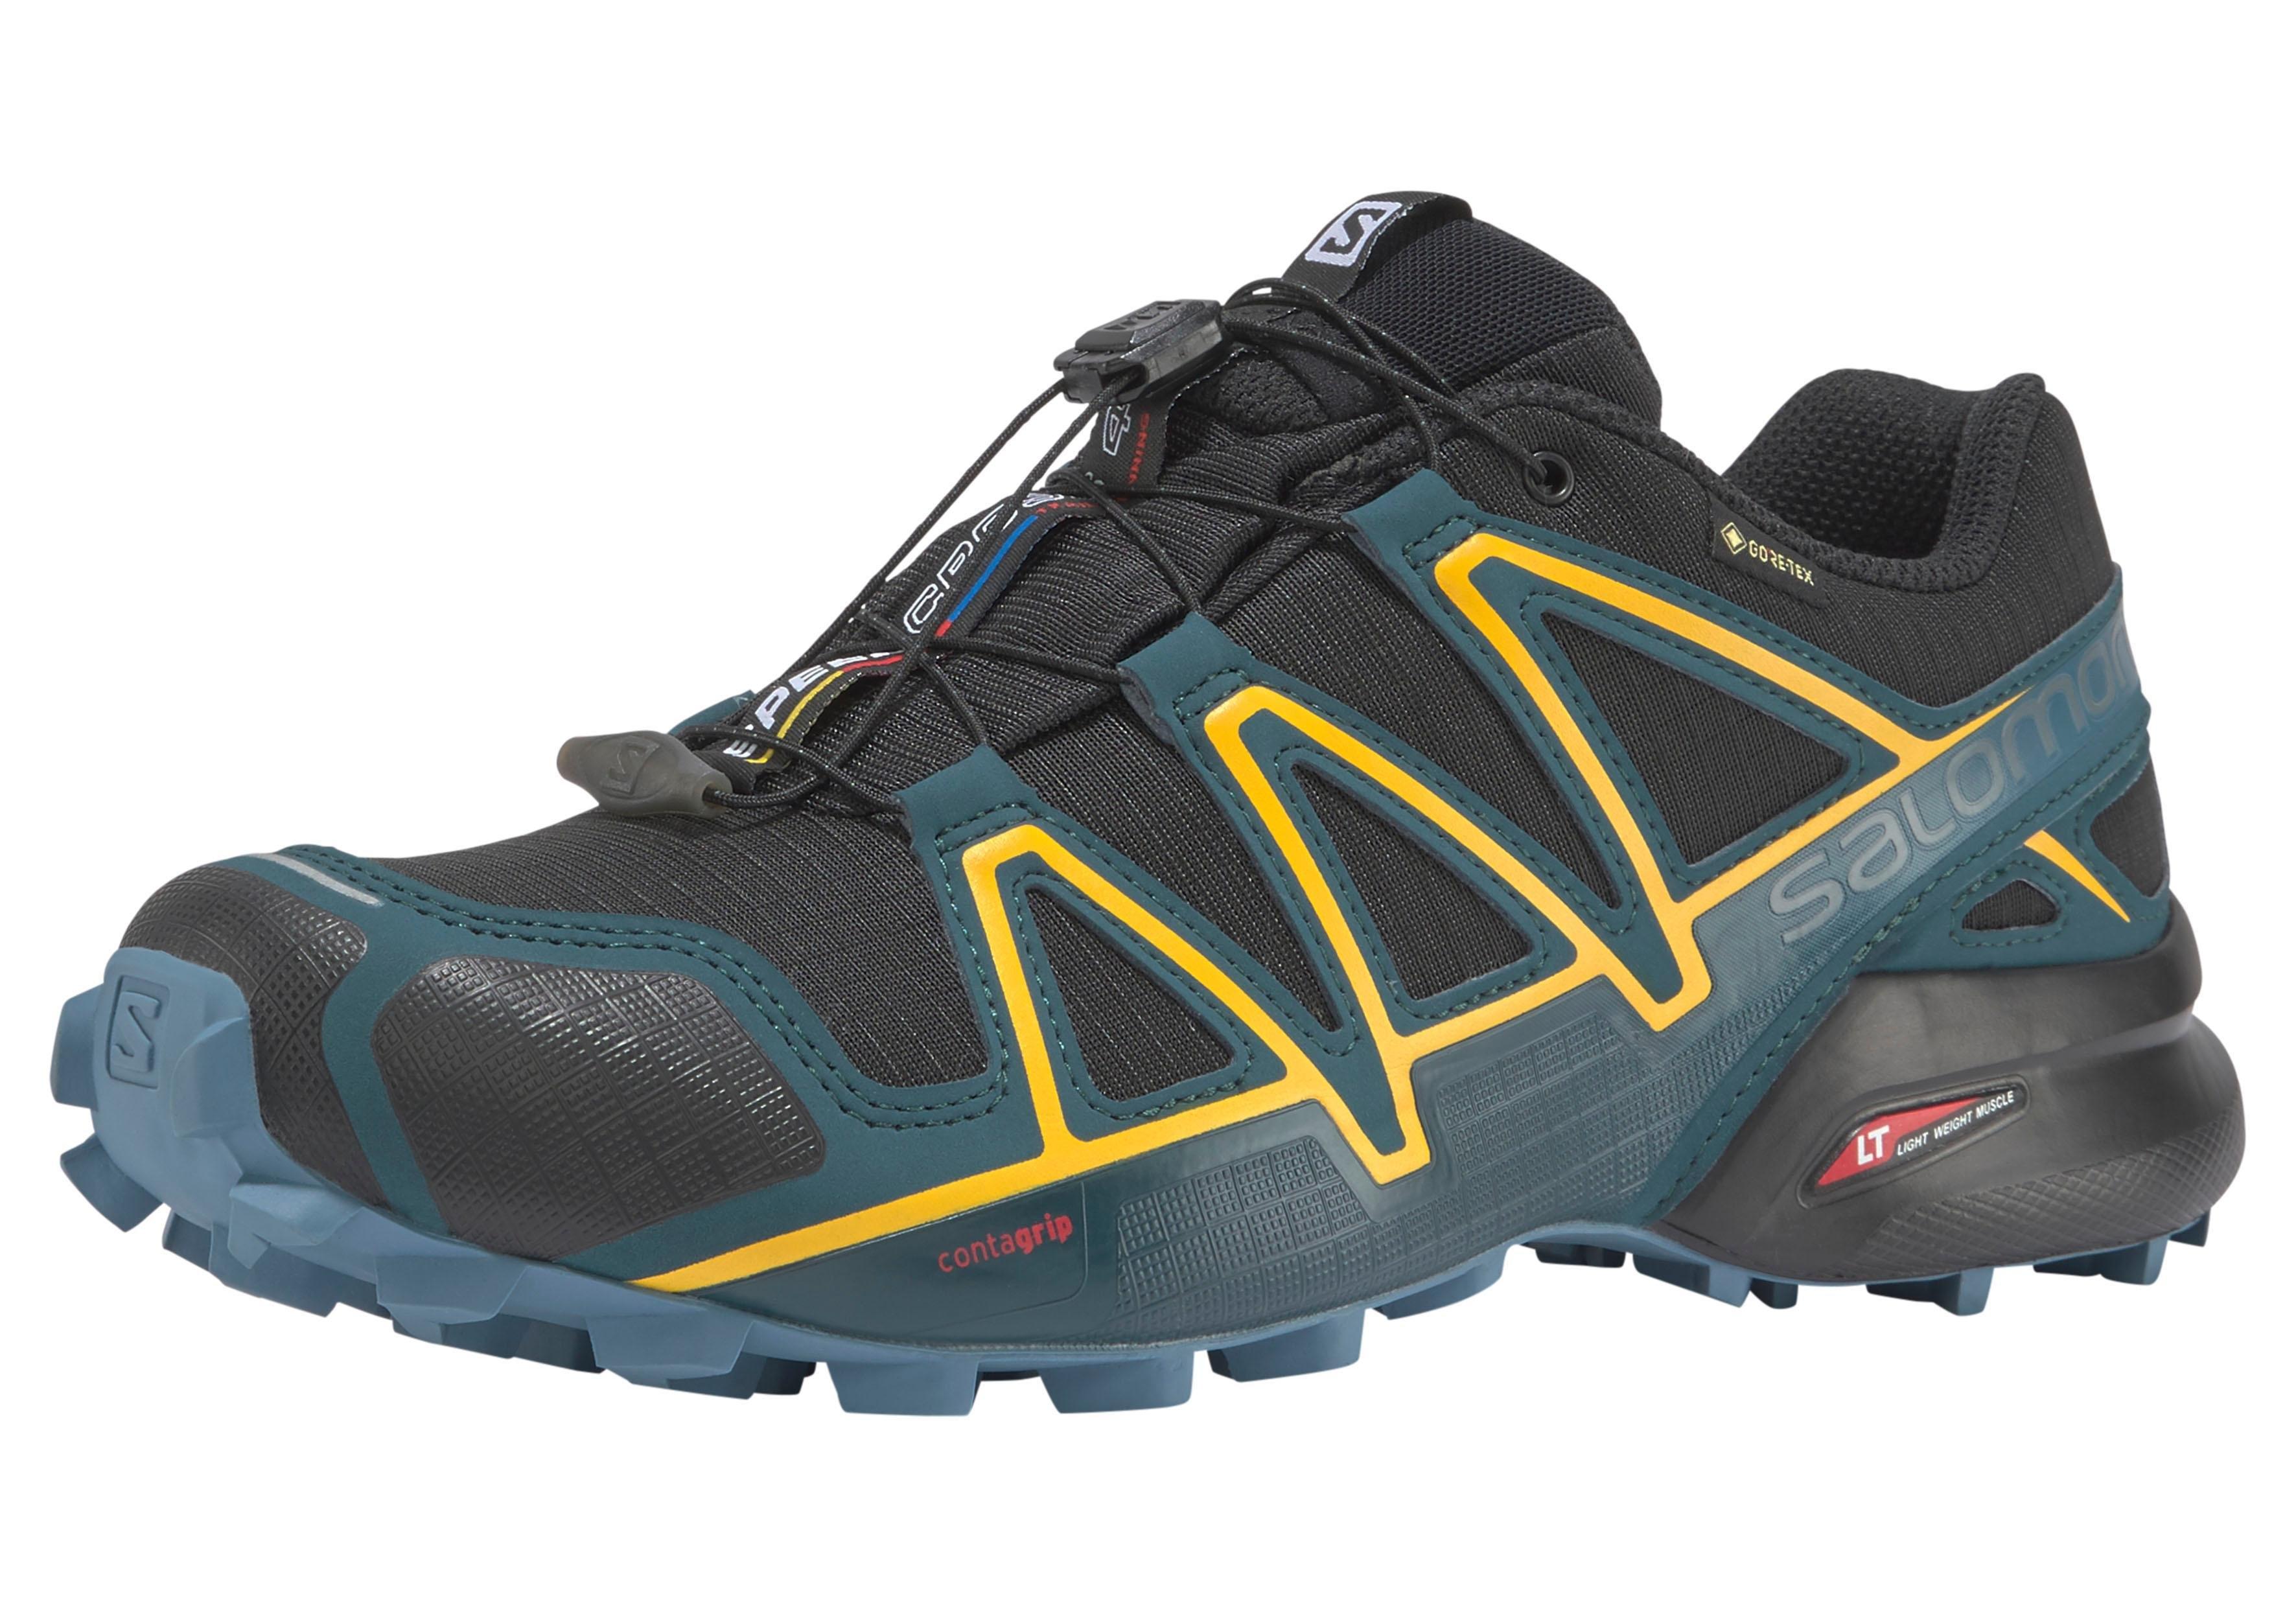 Salomon runningschoenen »SPEEDCROSS 4 Gore-Tex M« bestellen: 14 dagen bedenktijd